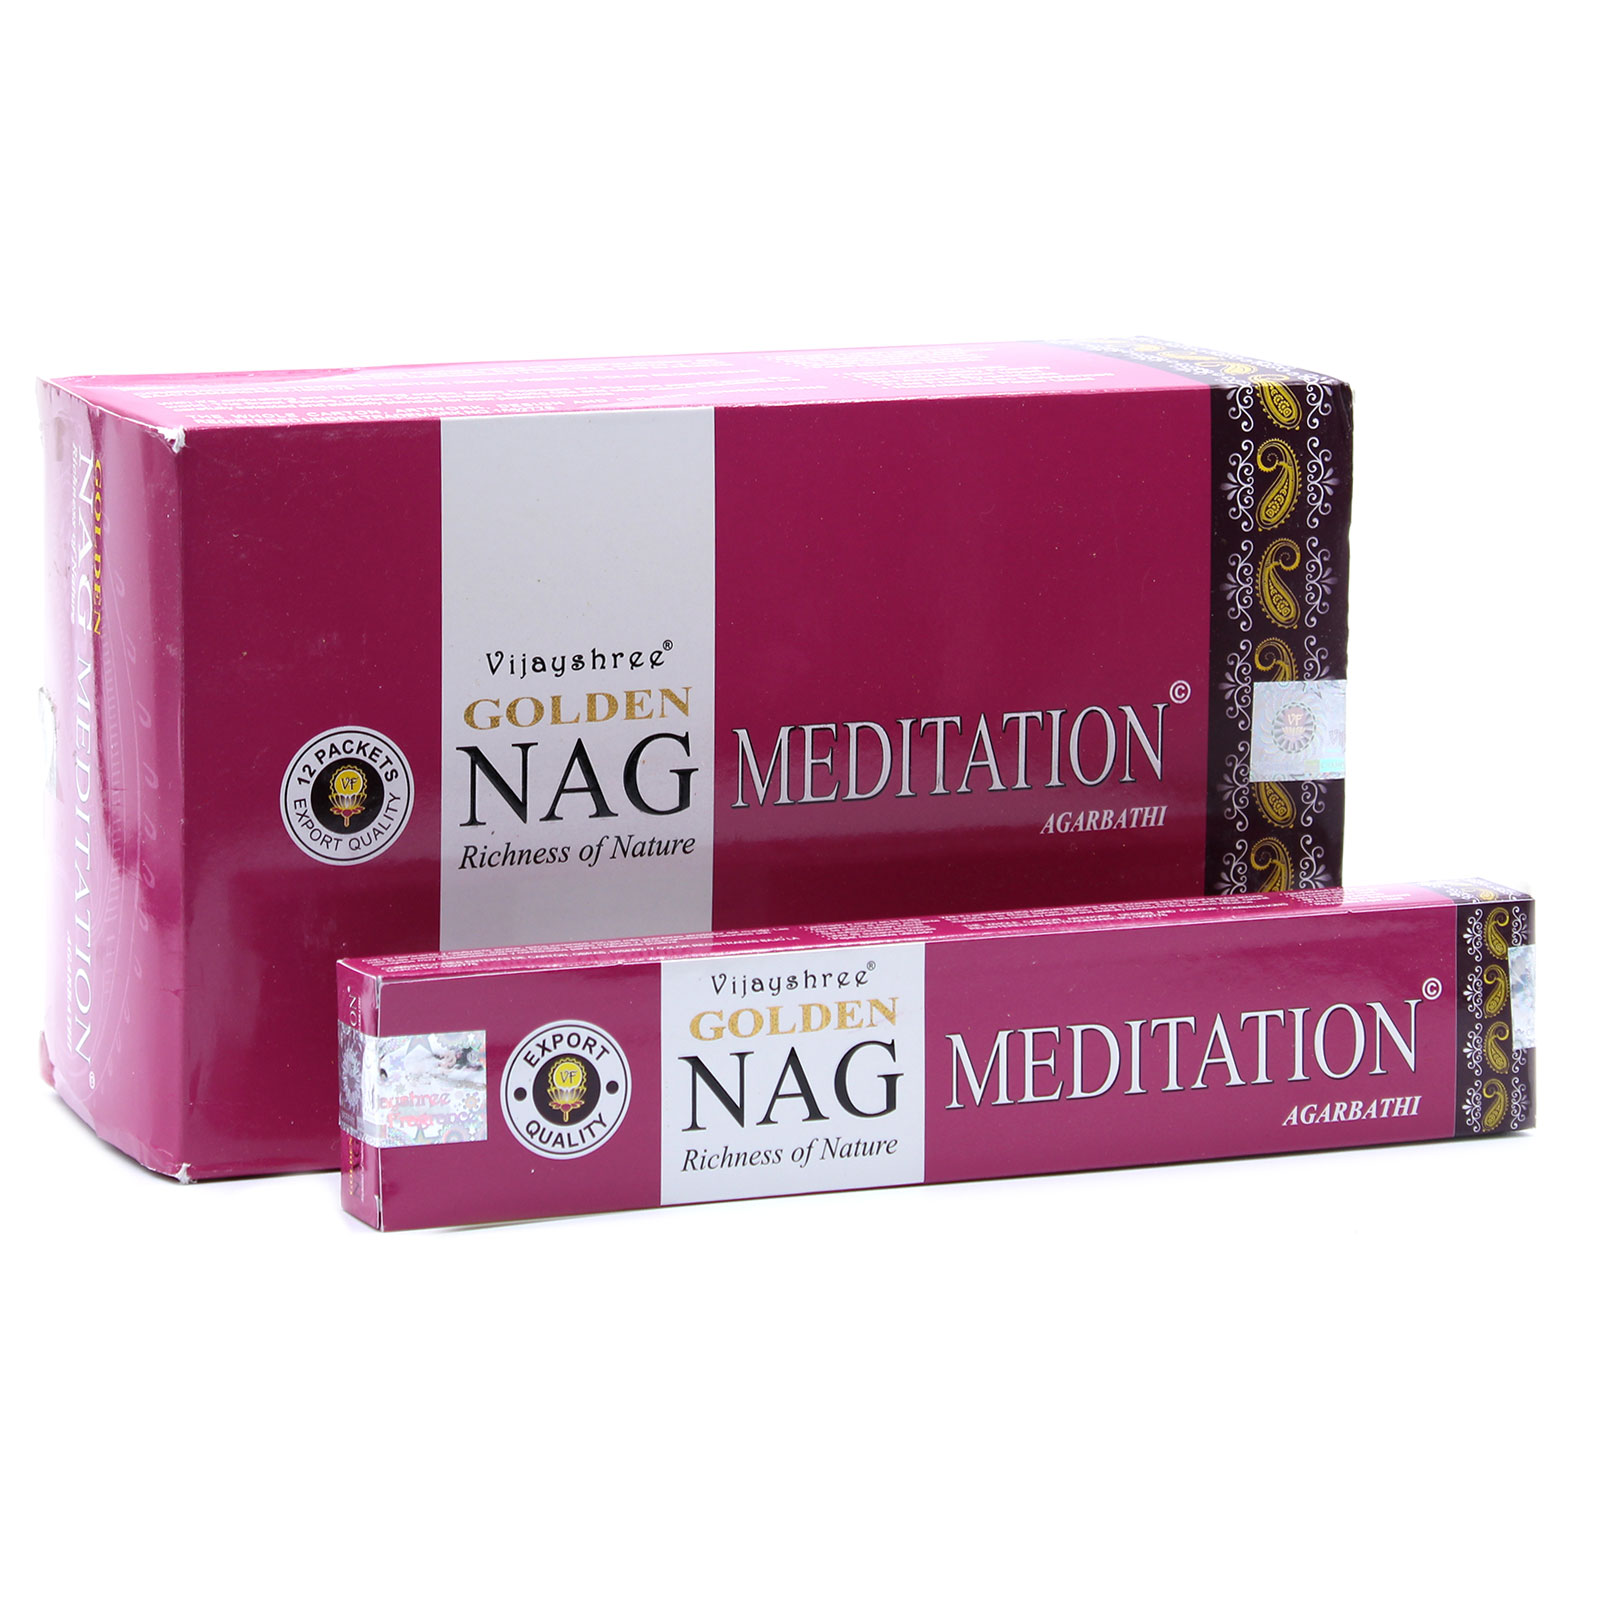 15g Golden Nag Meditation Incense